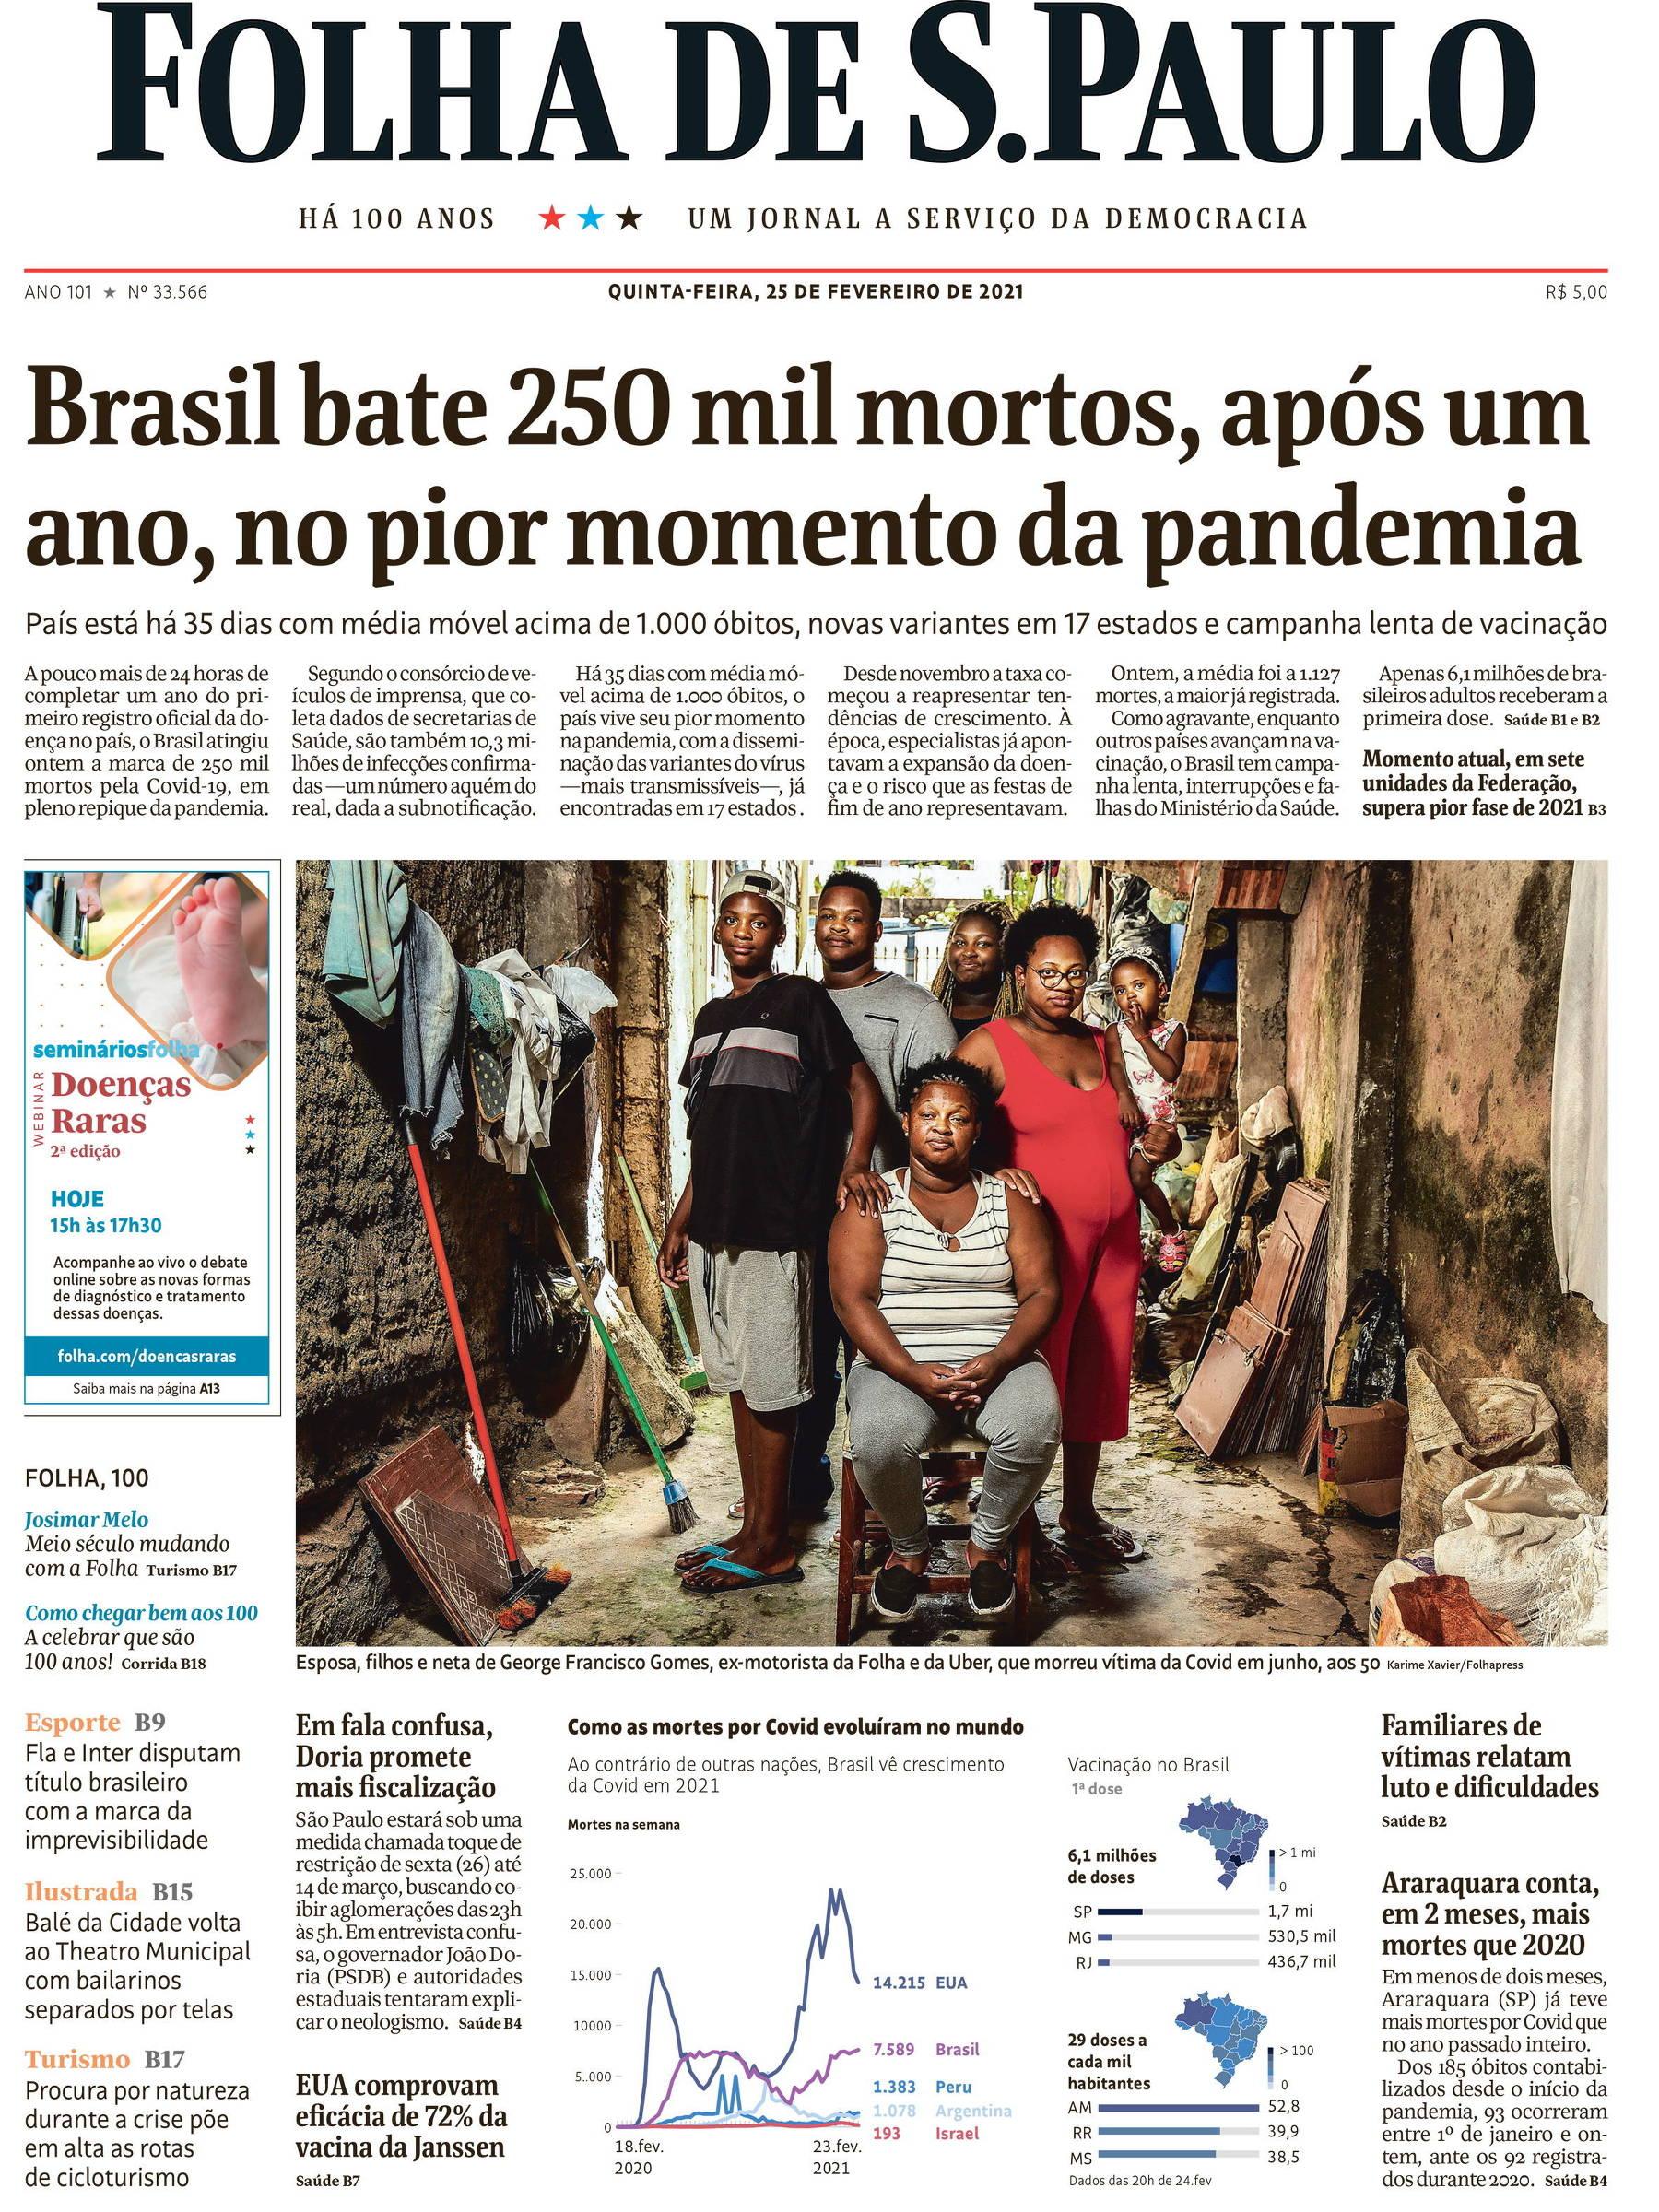 A Primeira Página da Folha no dia da oferta de propina para compra de vacinas em restaurante de Brasília